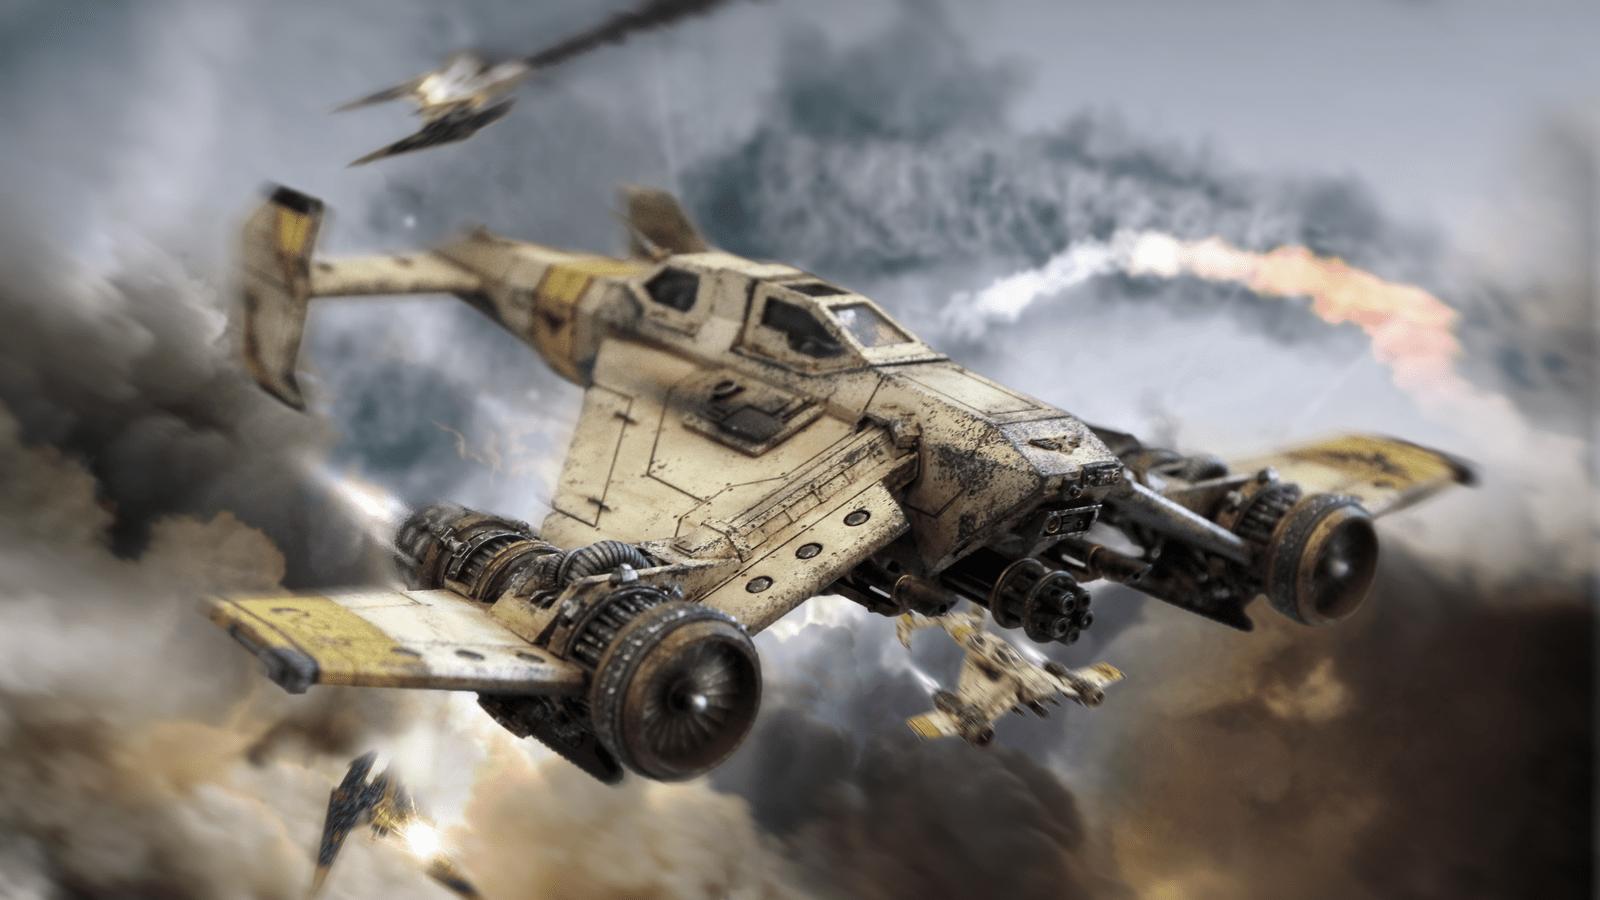 Imperial Domination Avenger Strike Fighter Digital Art